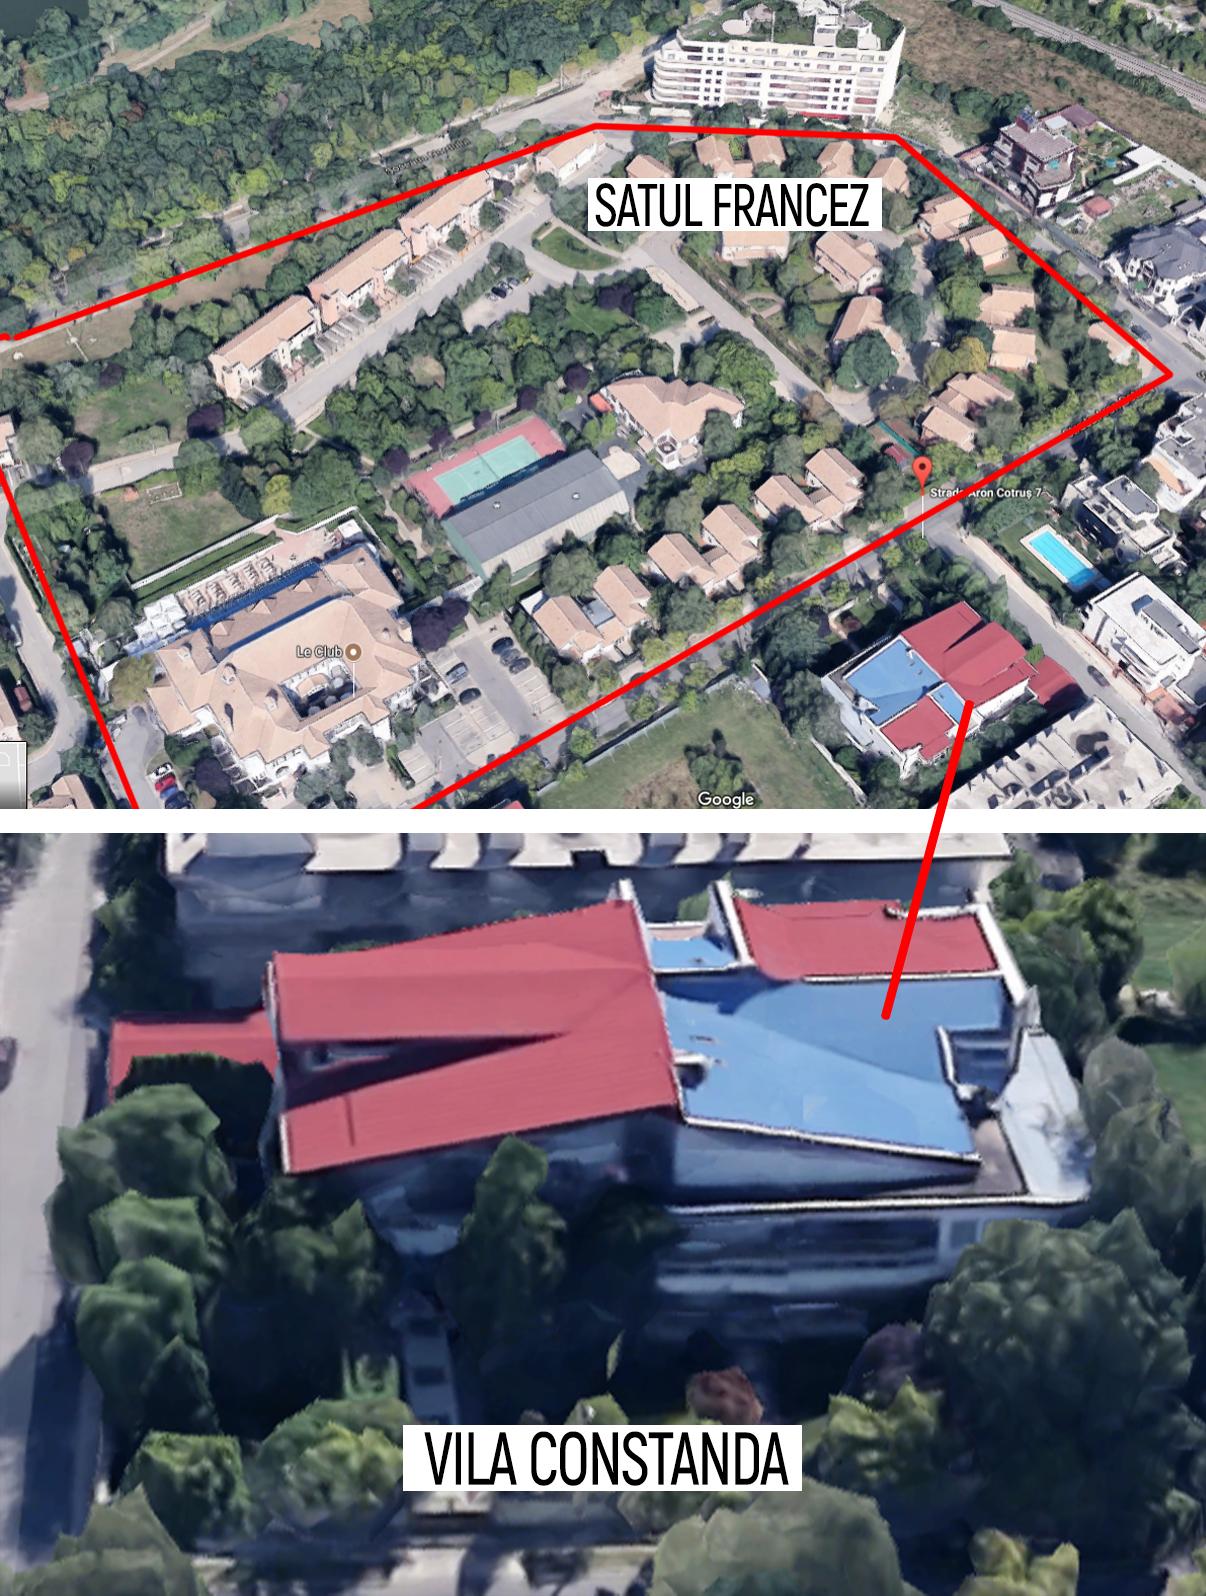 Palatul cu care Constanda a girat la bancă se află aproape de Satul Francez şi a fost evaluat la 2,2 milioane de euro